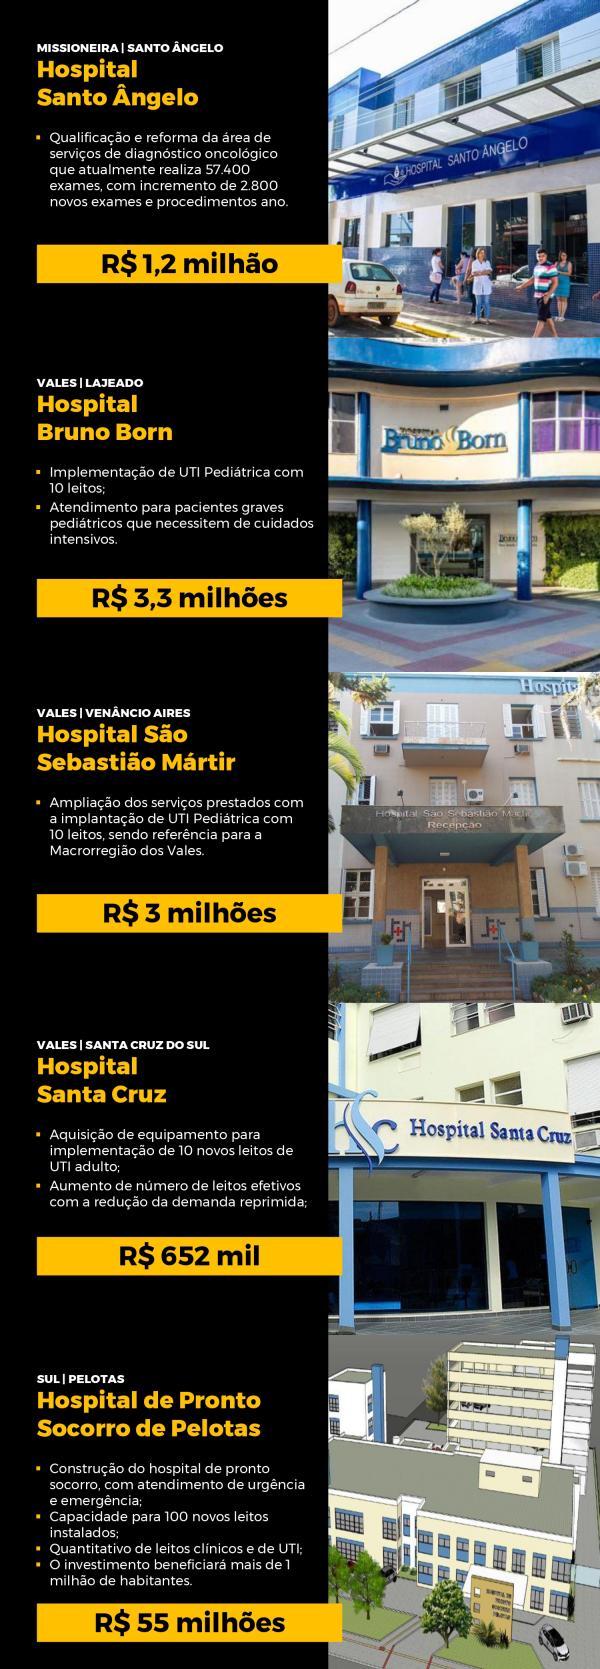 HOSPITAIS RS AVANCAR SAUDE1